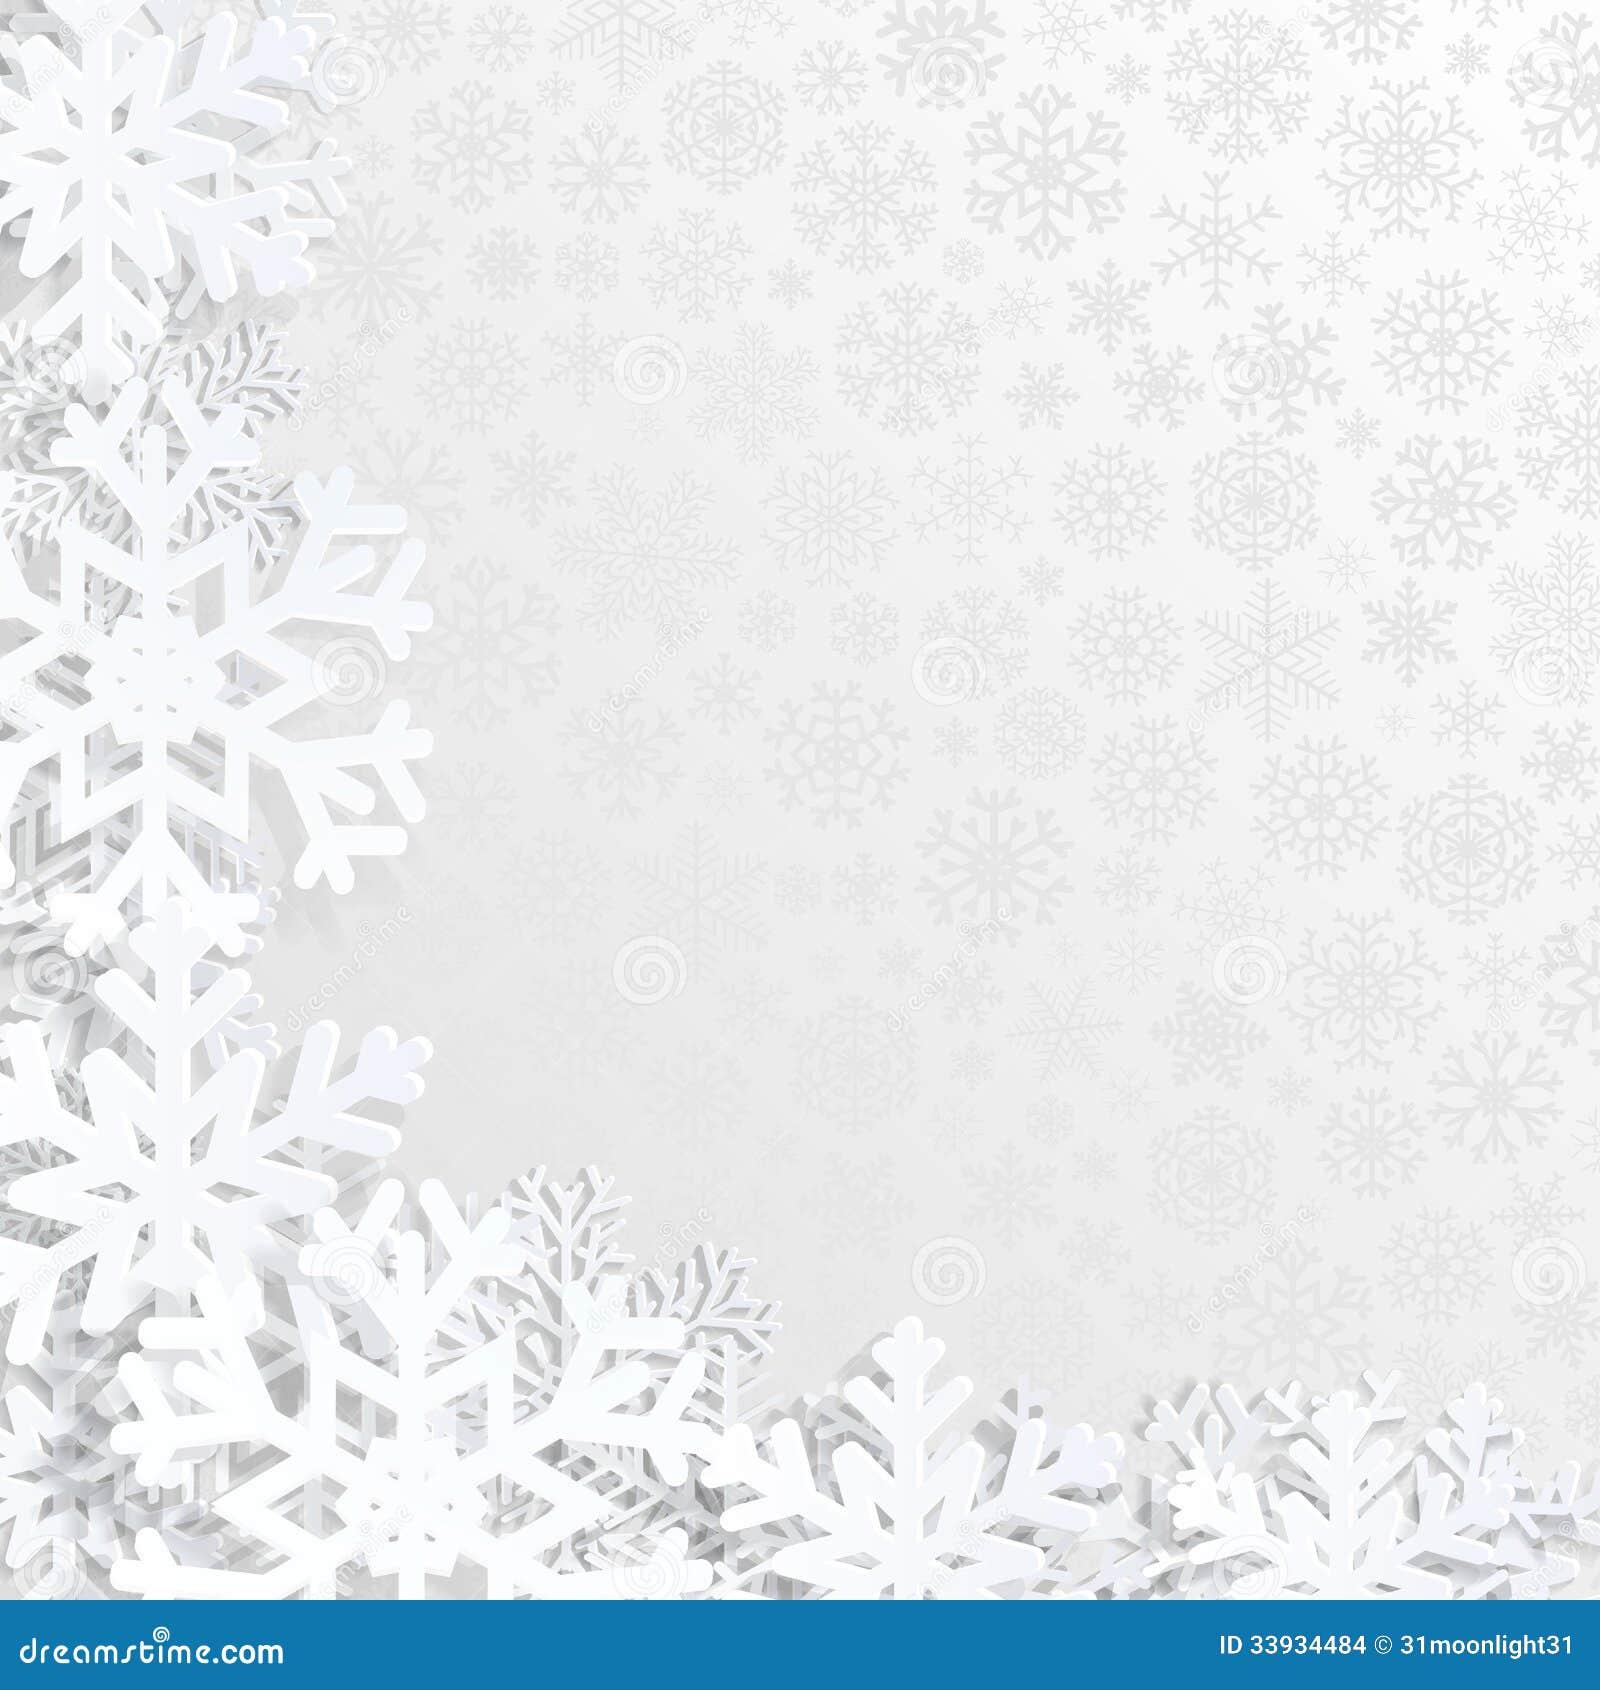 White Snowflake Transparent Background White snowflake transparentWhite Snowflake Transparent Background